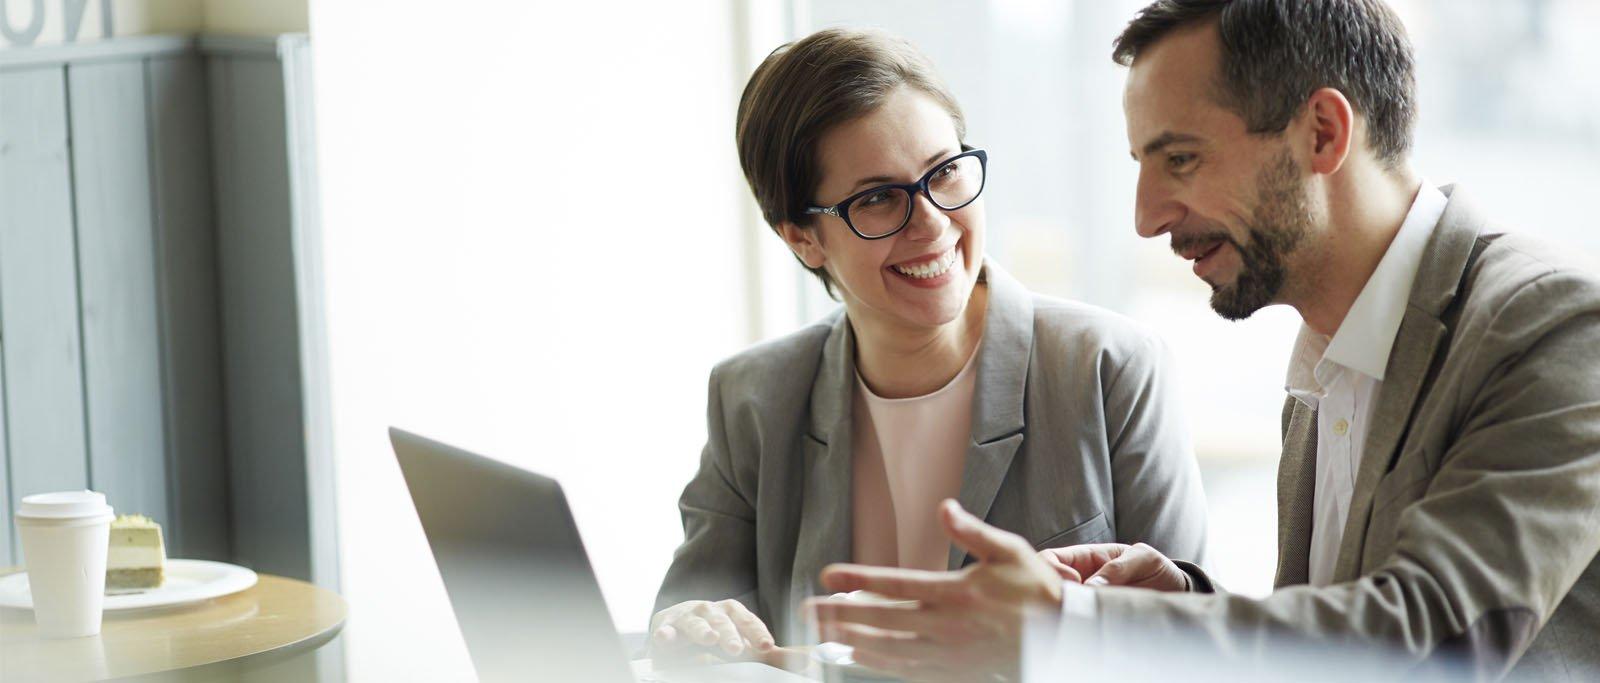 Indicadores de desempenho de vendas: como sua gestão lida com eles?